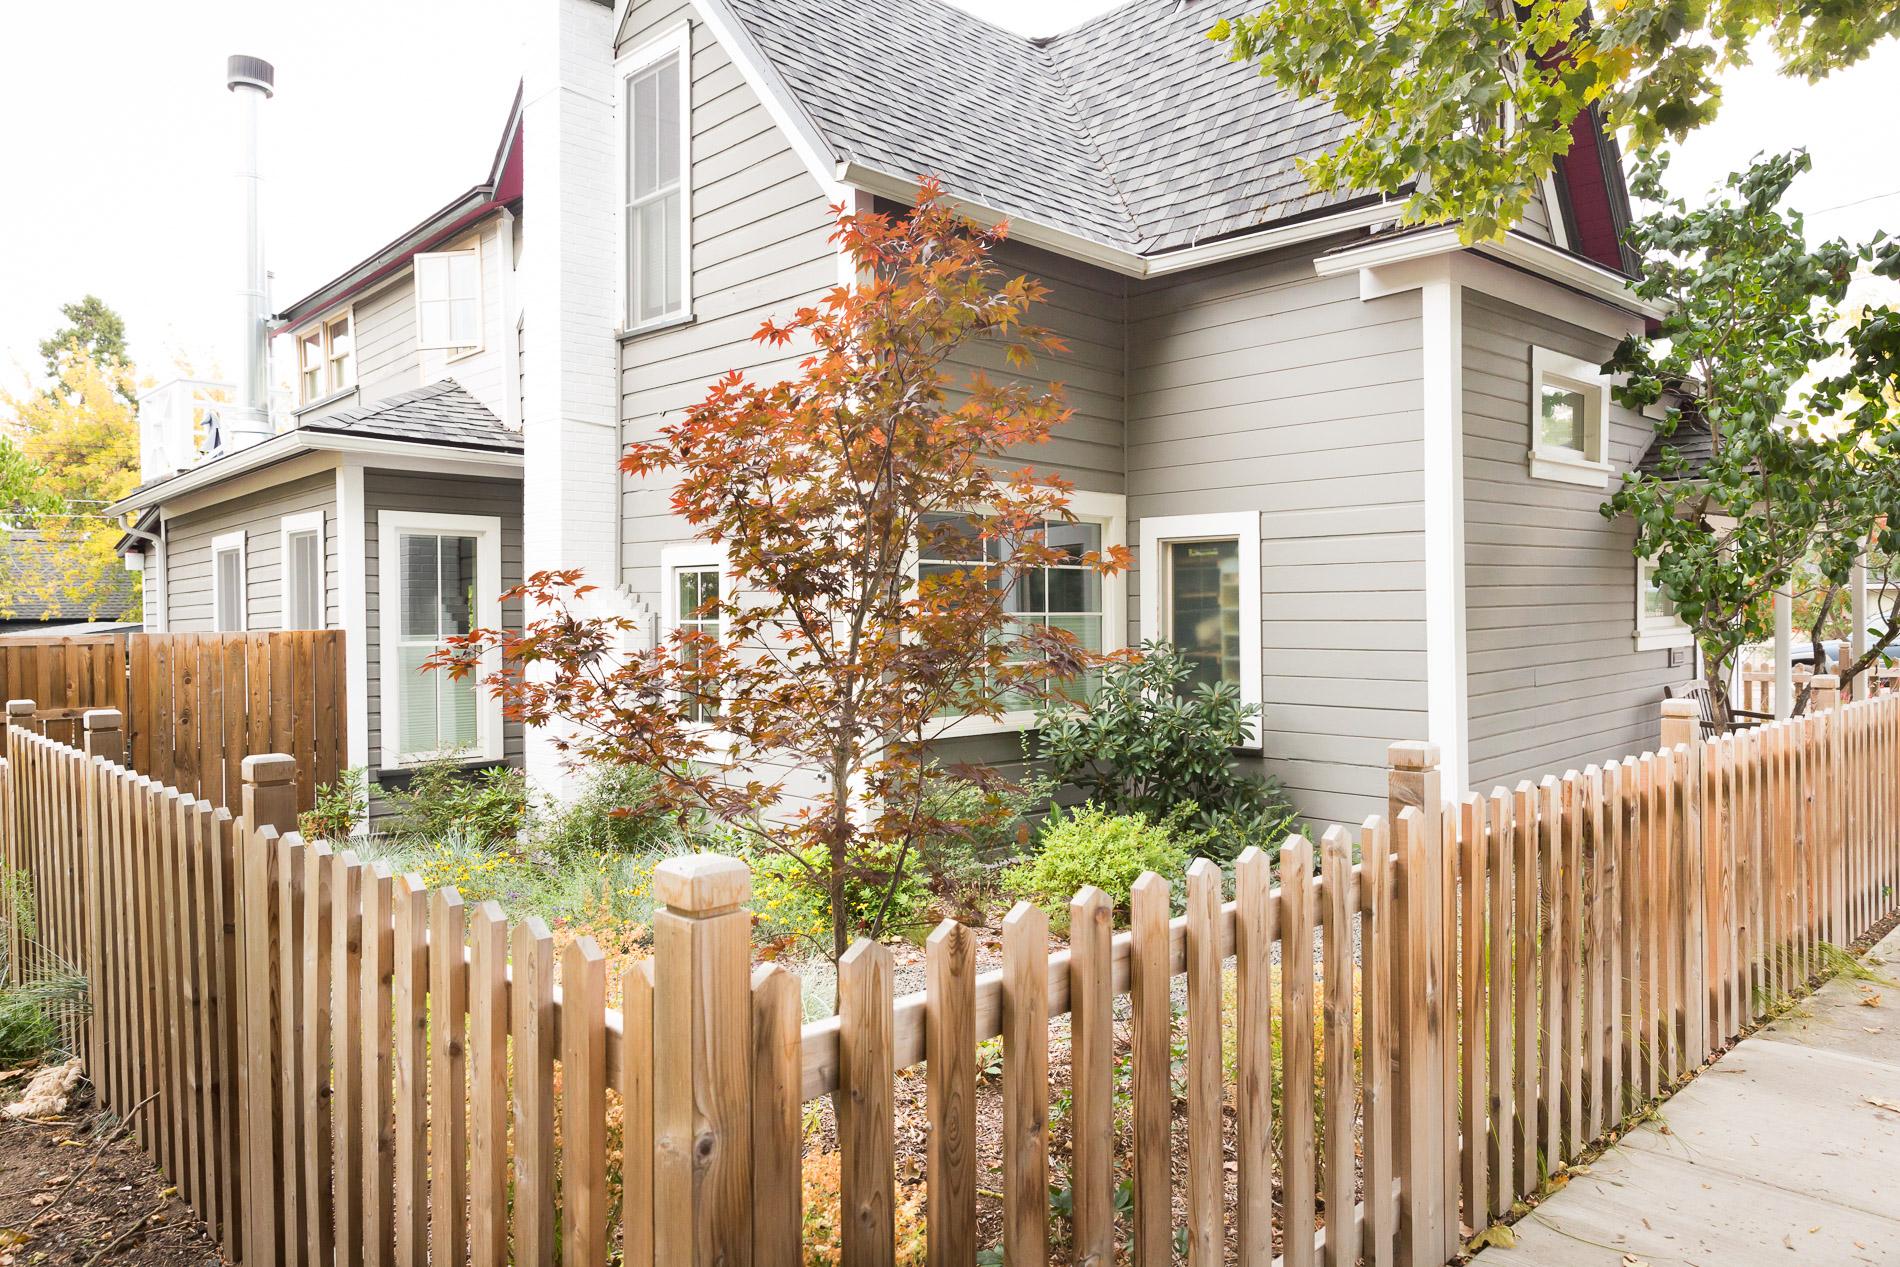 Traditional Cedar Picket Fence + Perennial Garden Side Yard